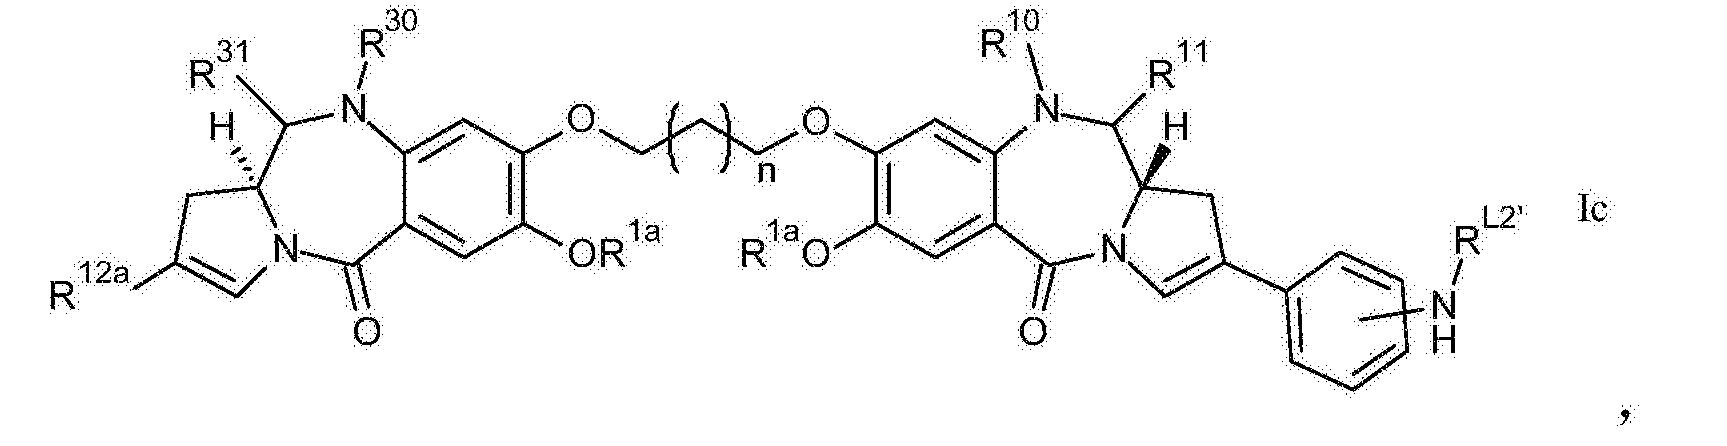 Figure CN105050661BD00713